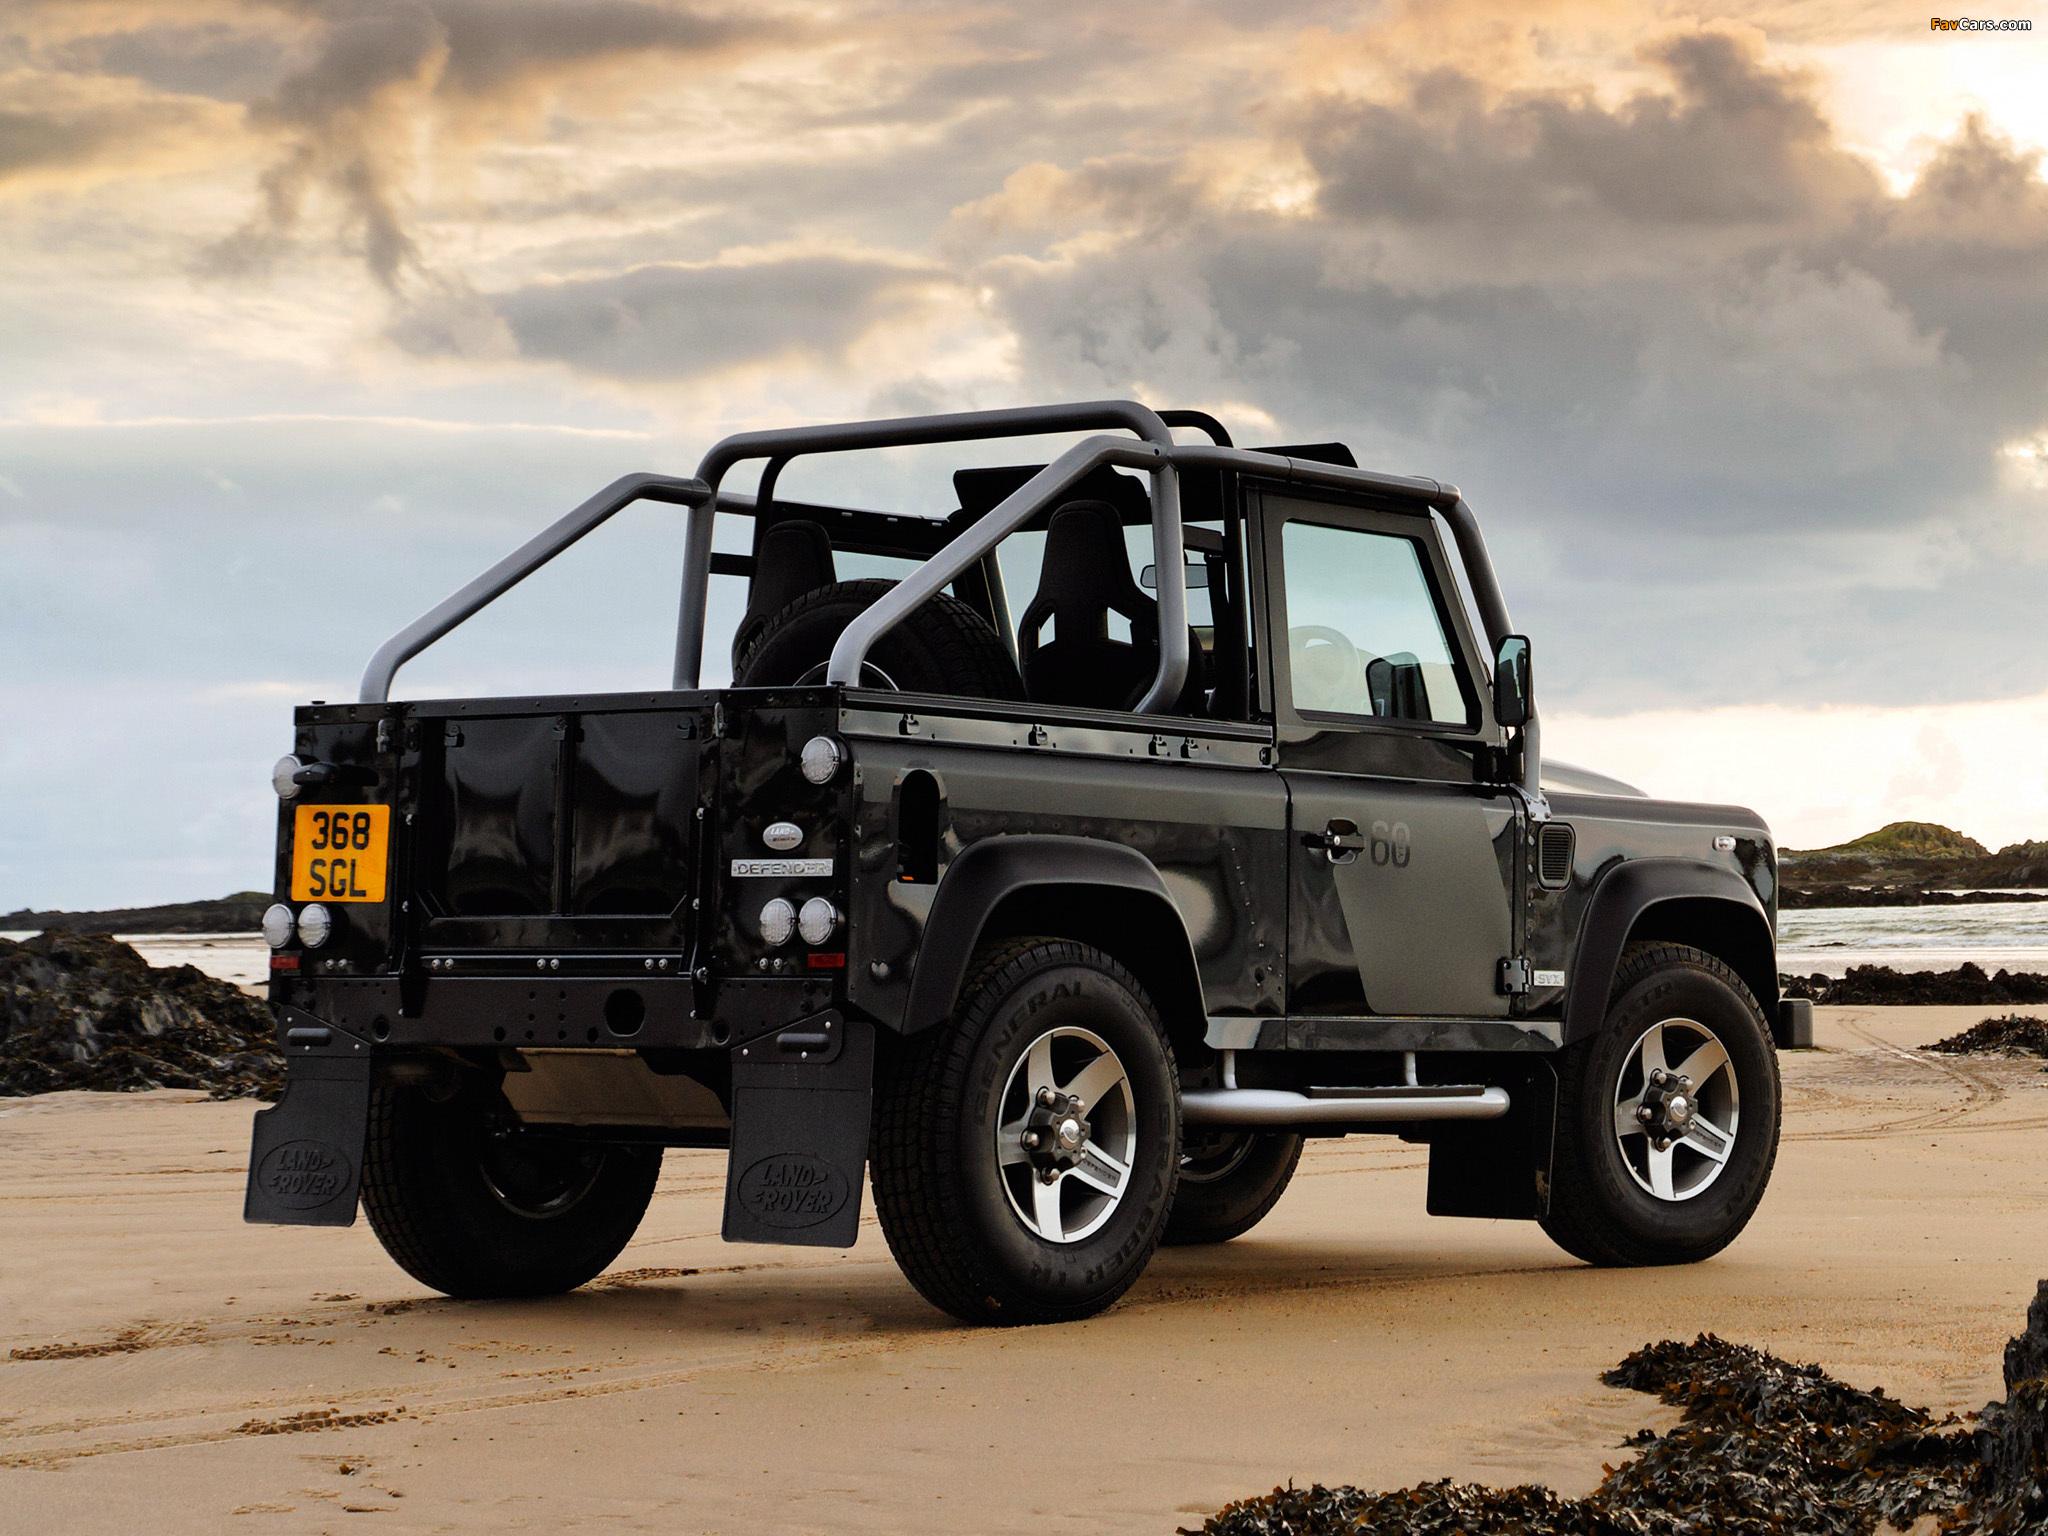 https://img.favcars.com/land-rover/defender/land_rover_defender_2008_pictures_1.jpg